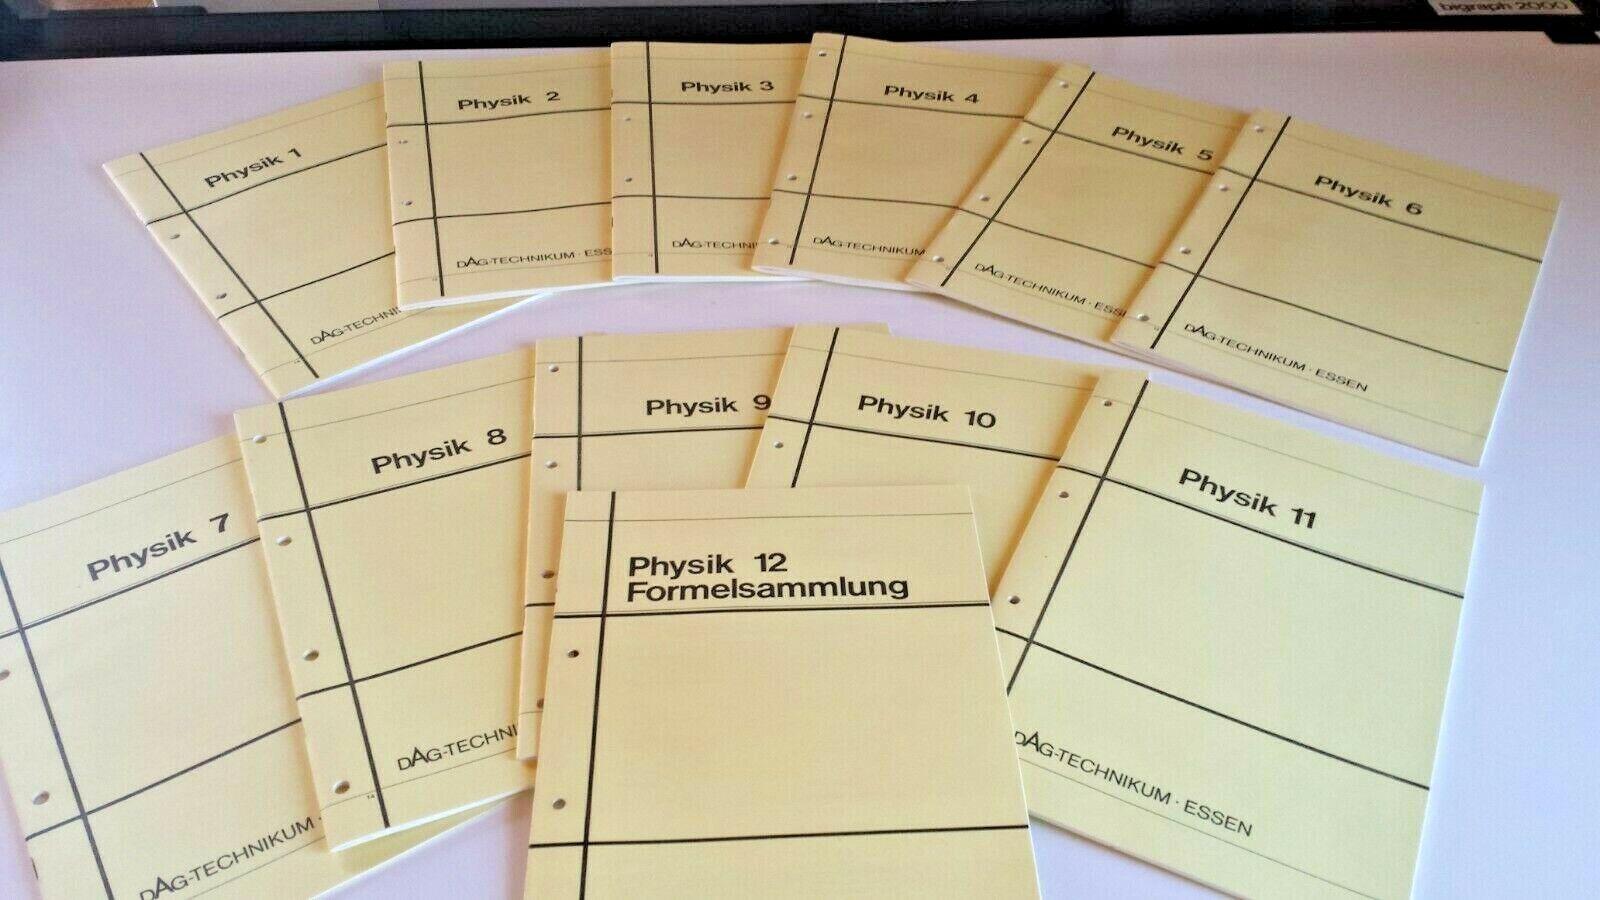 12 Physik - Lehrhefte, Grundlagen für technische Berufe, Fernunterricht